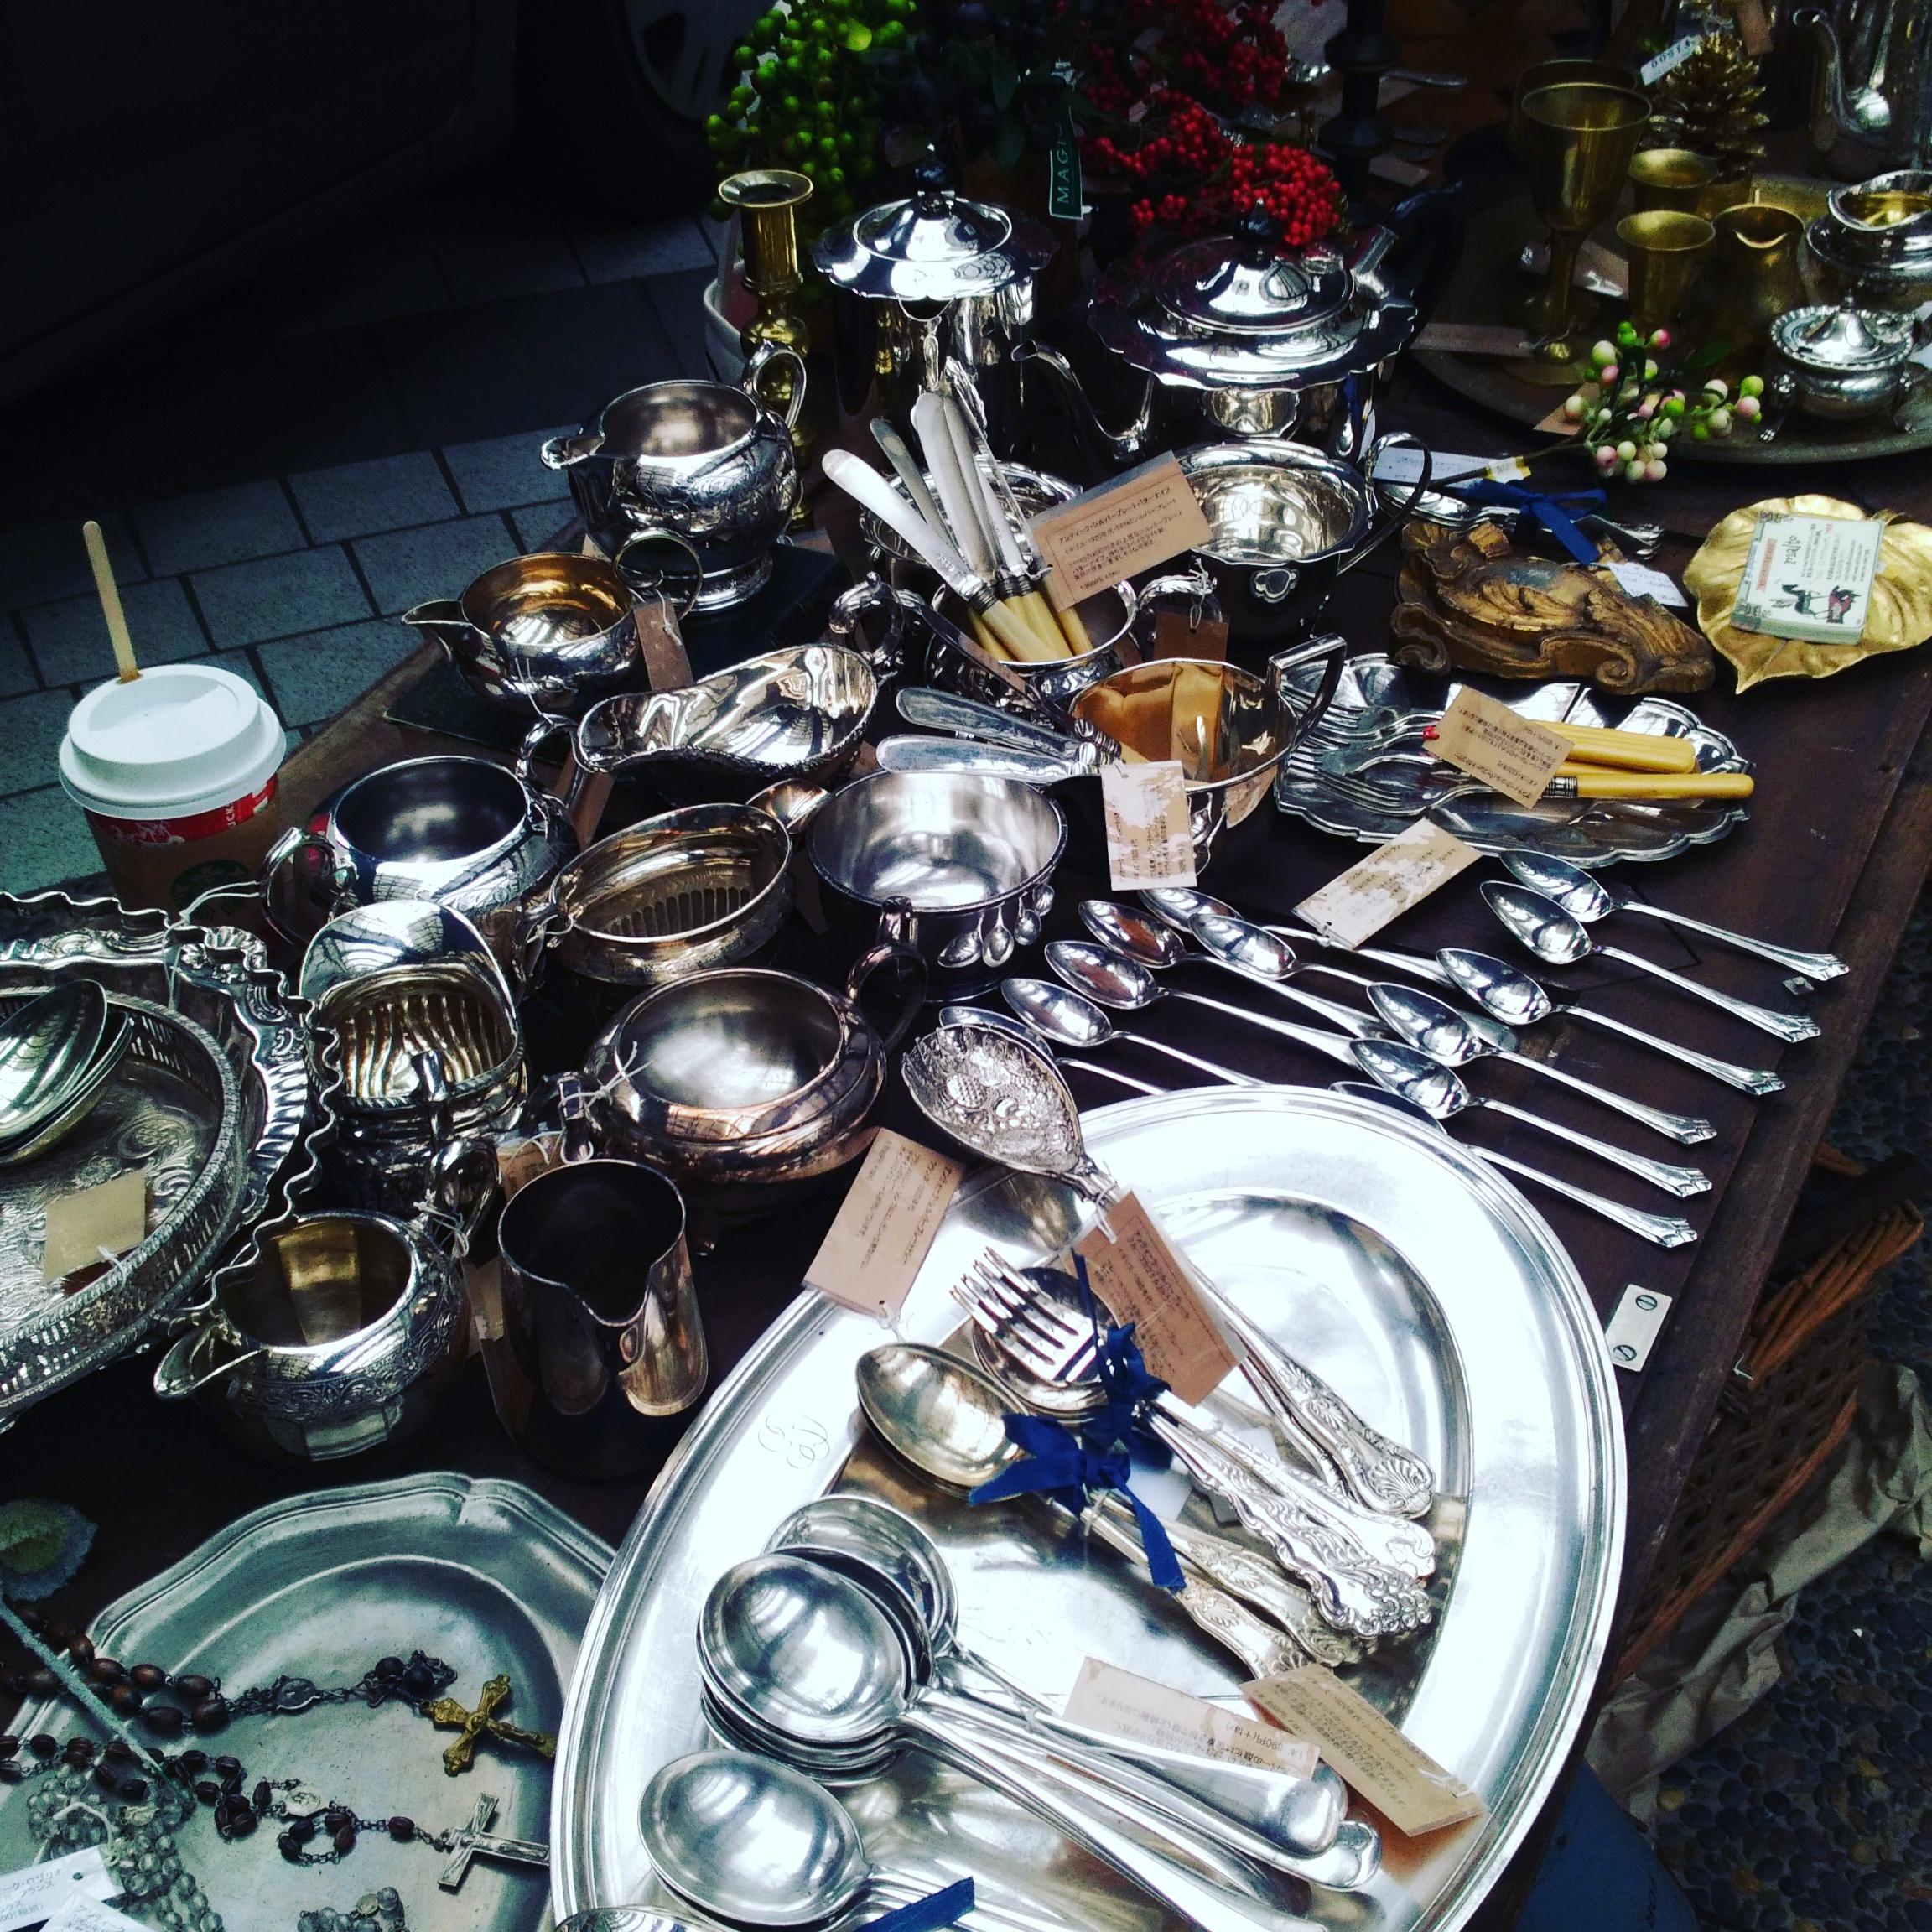 赤坂蚤の市のマルトのインテリア雑貨